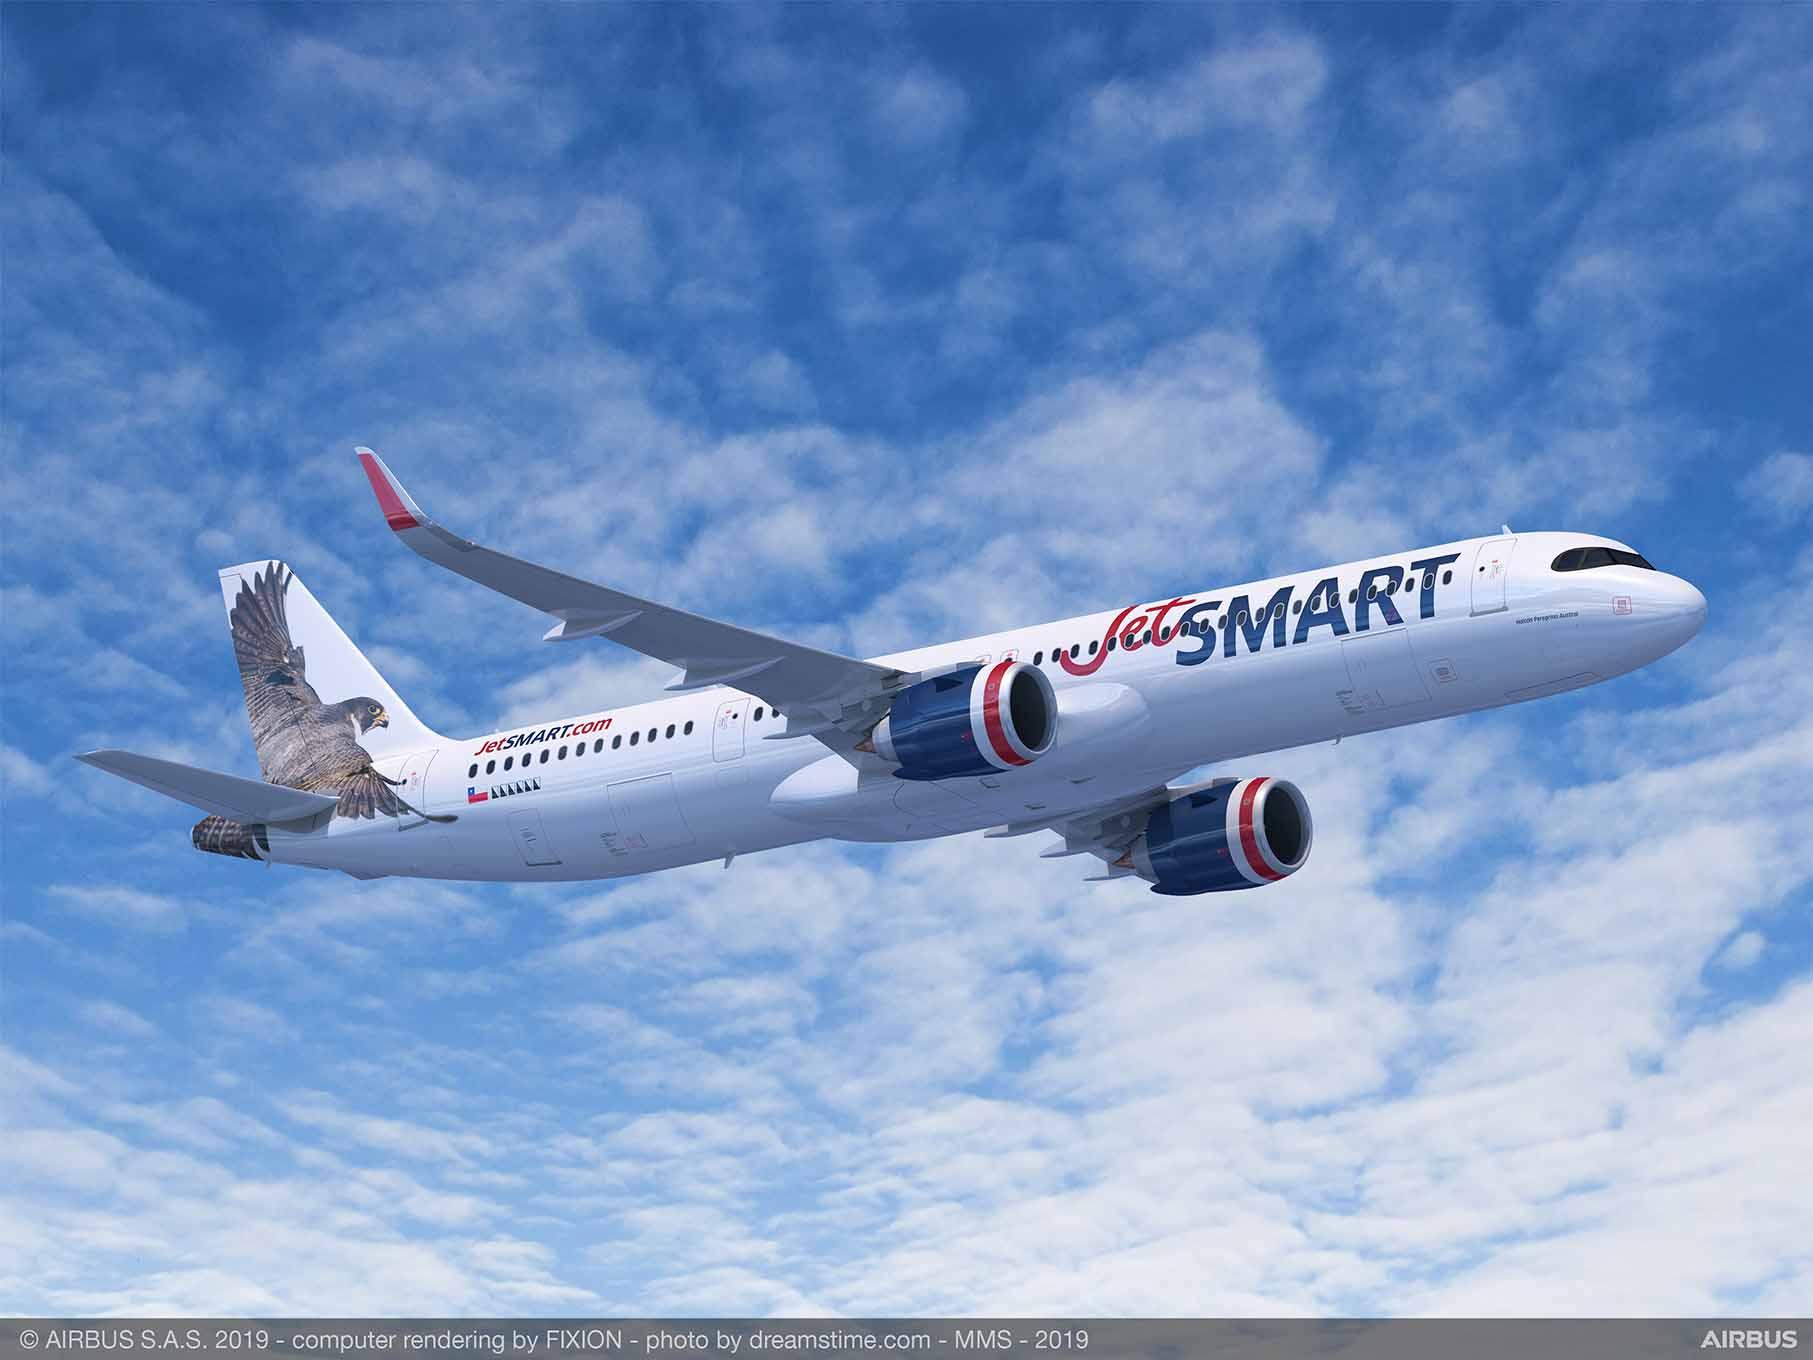 JetSMART lidera ránking sudamericano como la aerolínea con flota de aviones más jóvenes